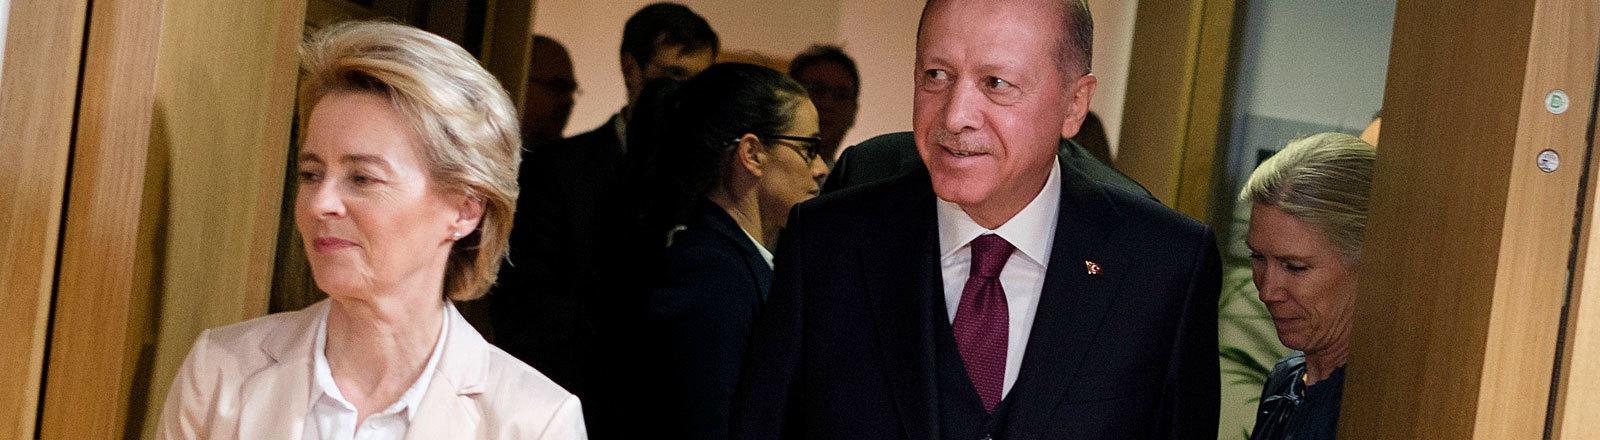 Der türkische Präsident Erdogan und EU-Kommissionschefin von der Leyen bei einem Treffen in Brüssel; sie kommen beide durch eine Tür (09.03.2020)